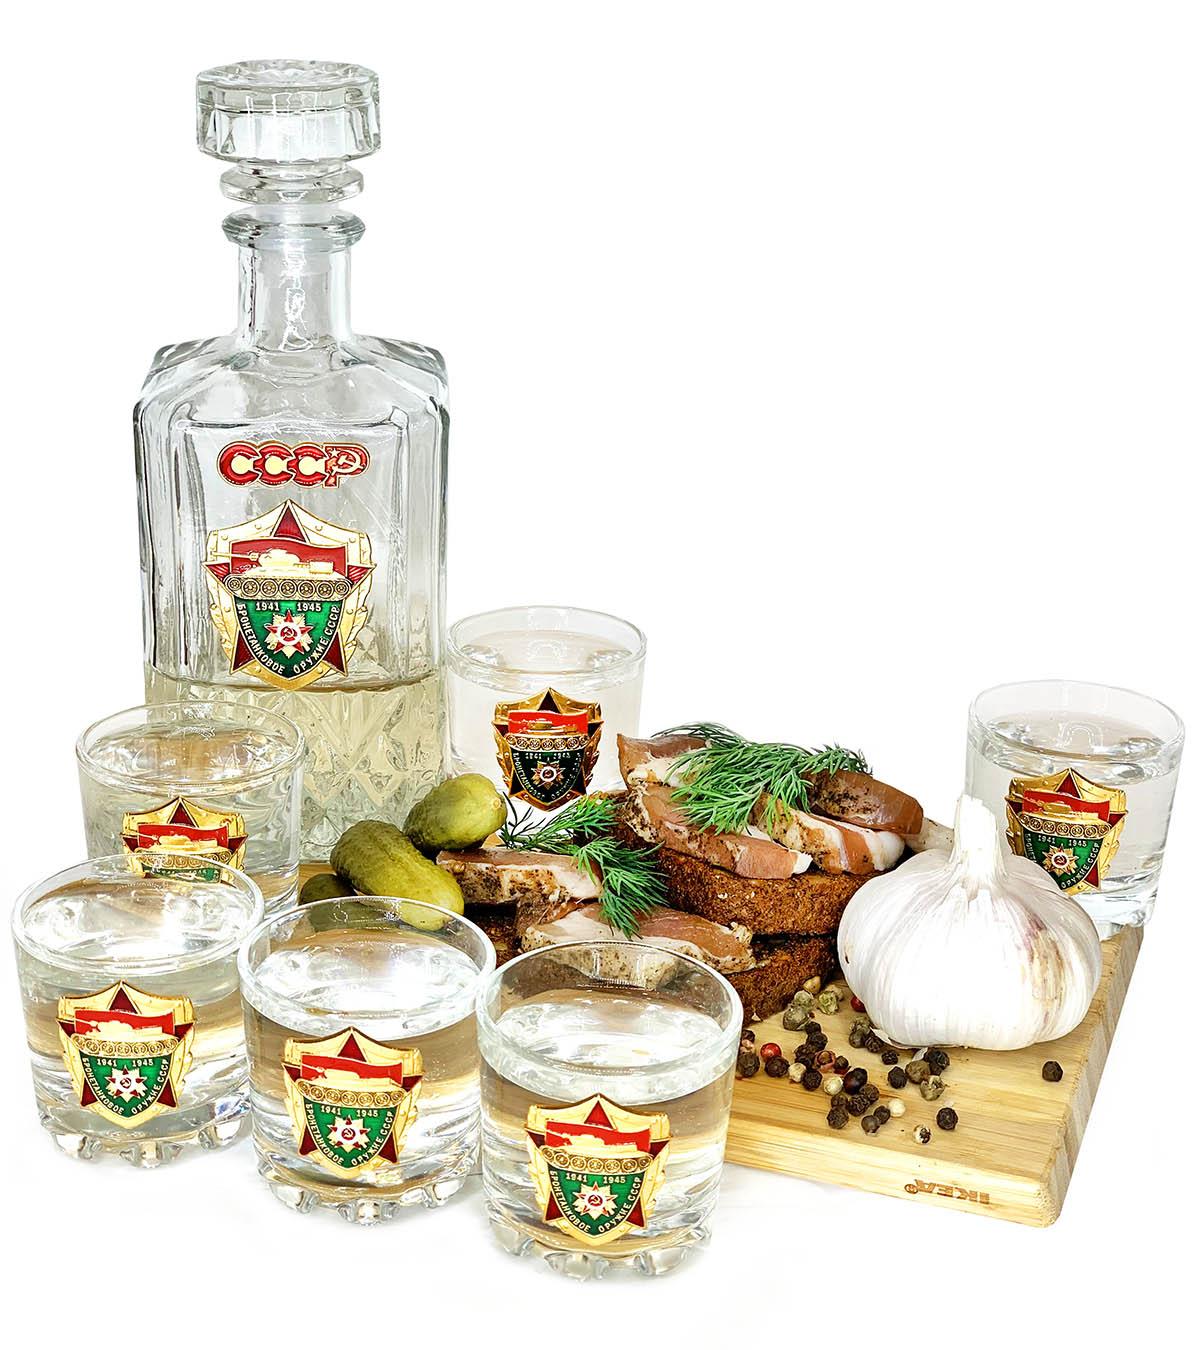 Купить на подарок мужчине водочный набор для спиртных напитков СССР